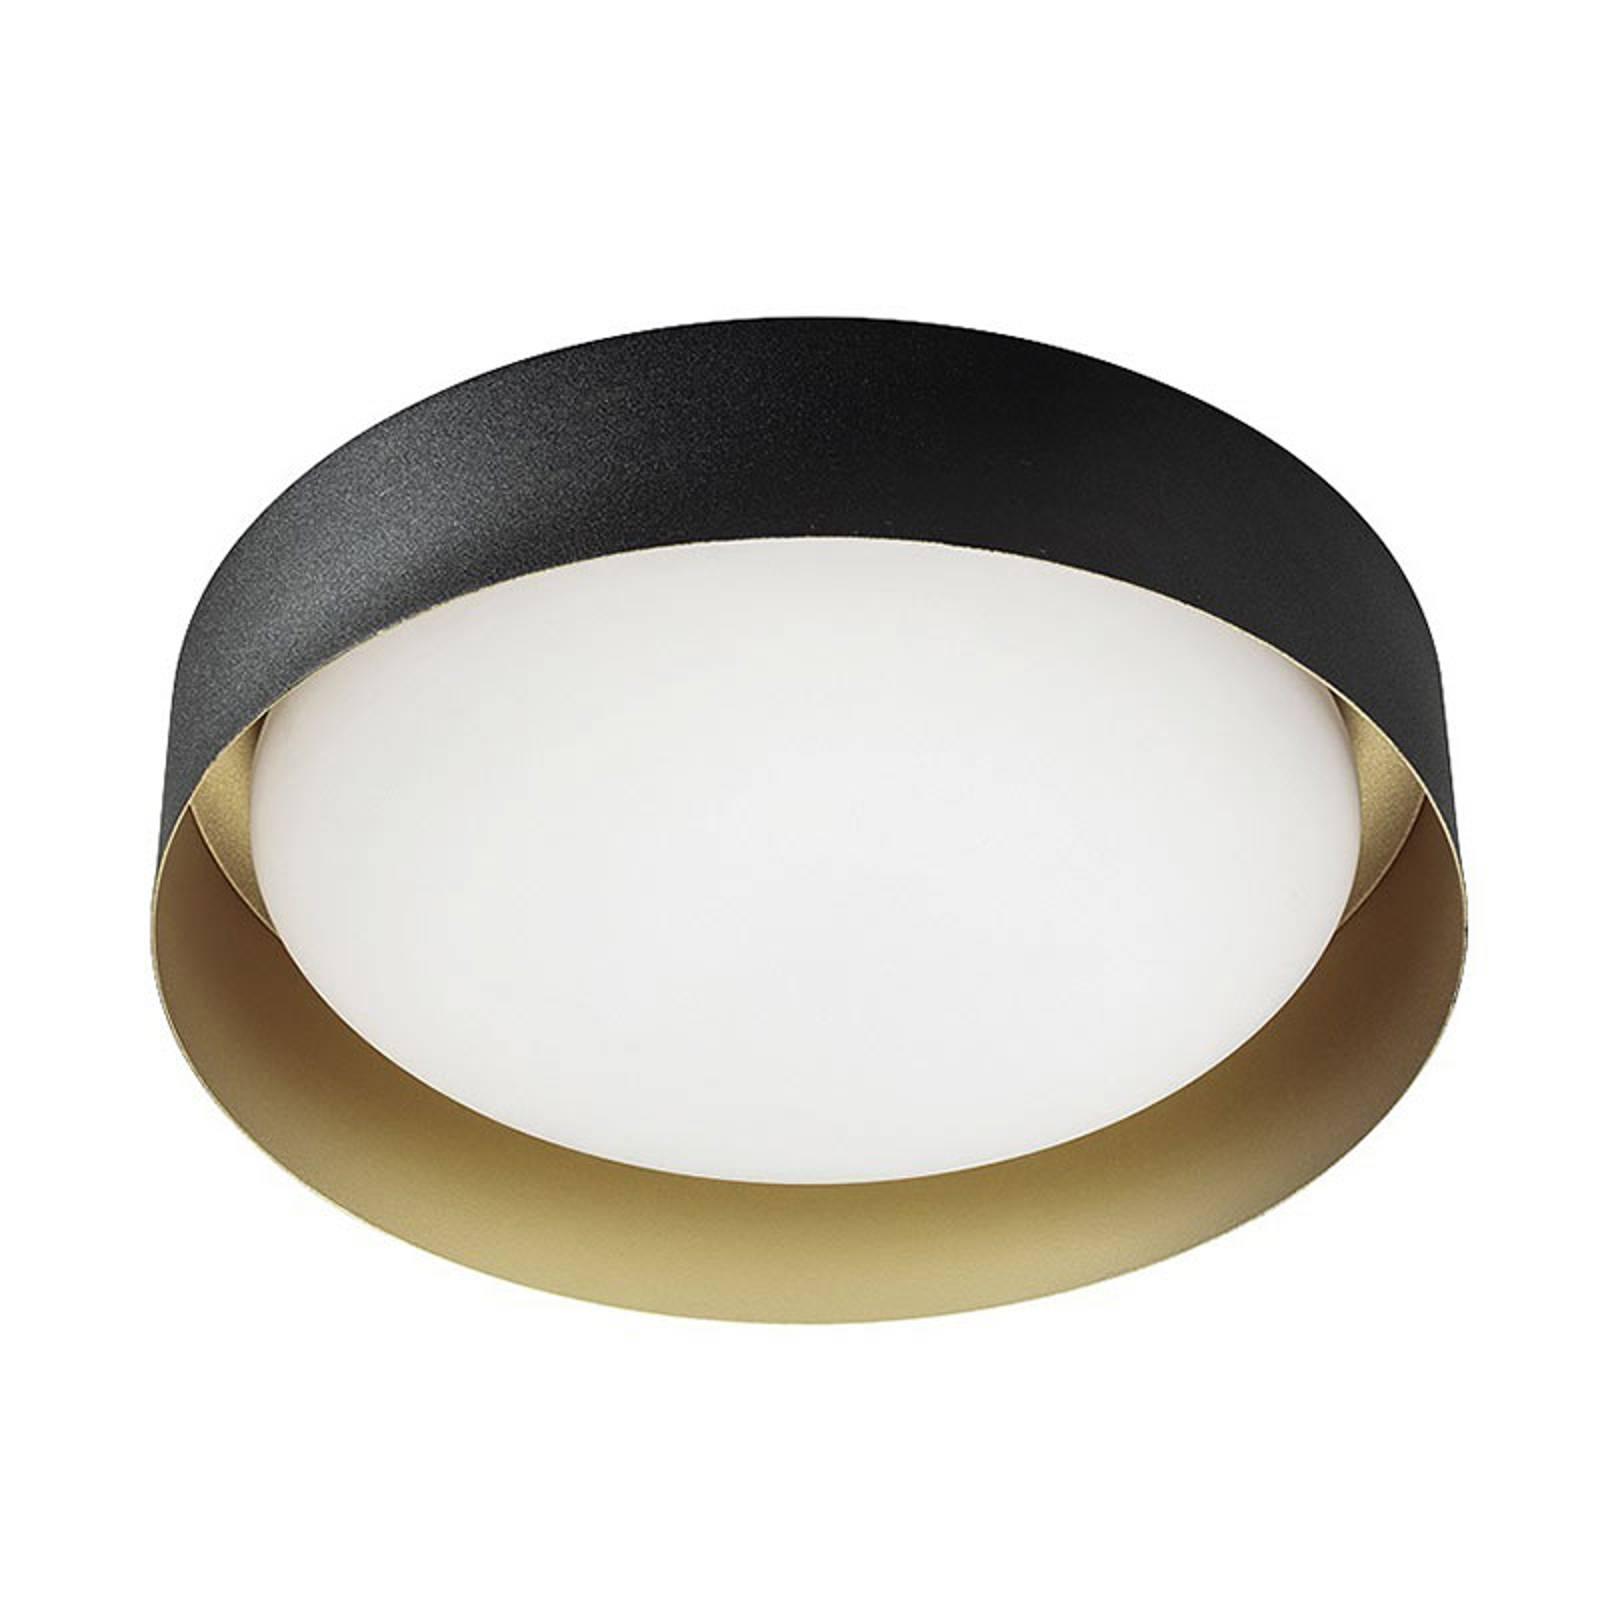 Lampa sufitowa LED Crew 2, Ø 33 cm, czarna/złota